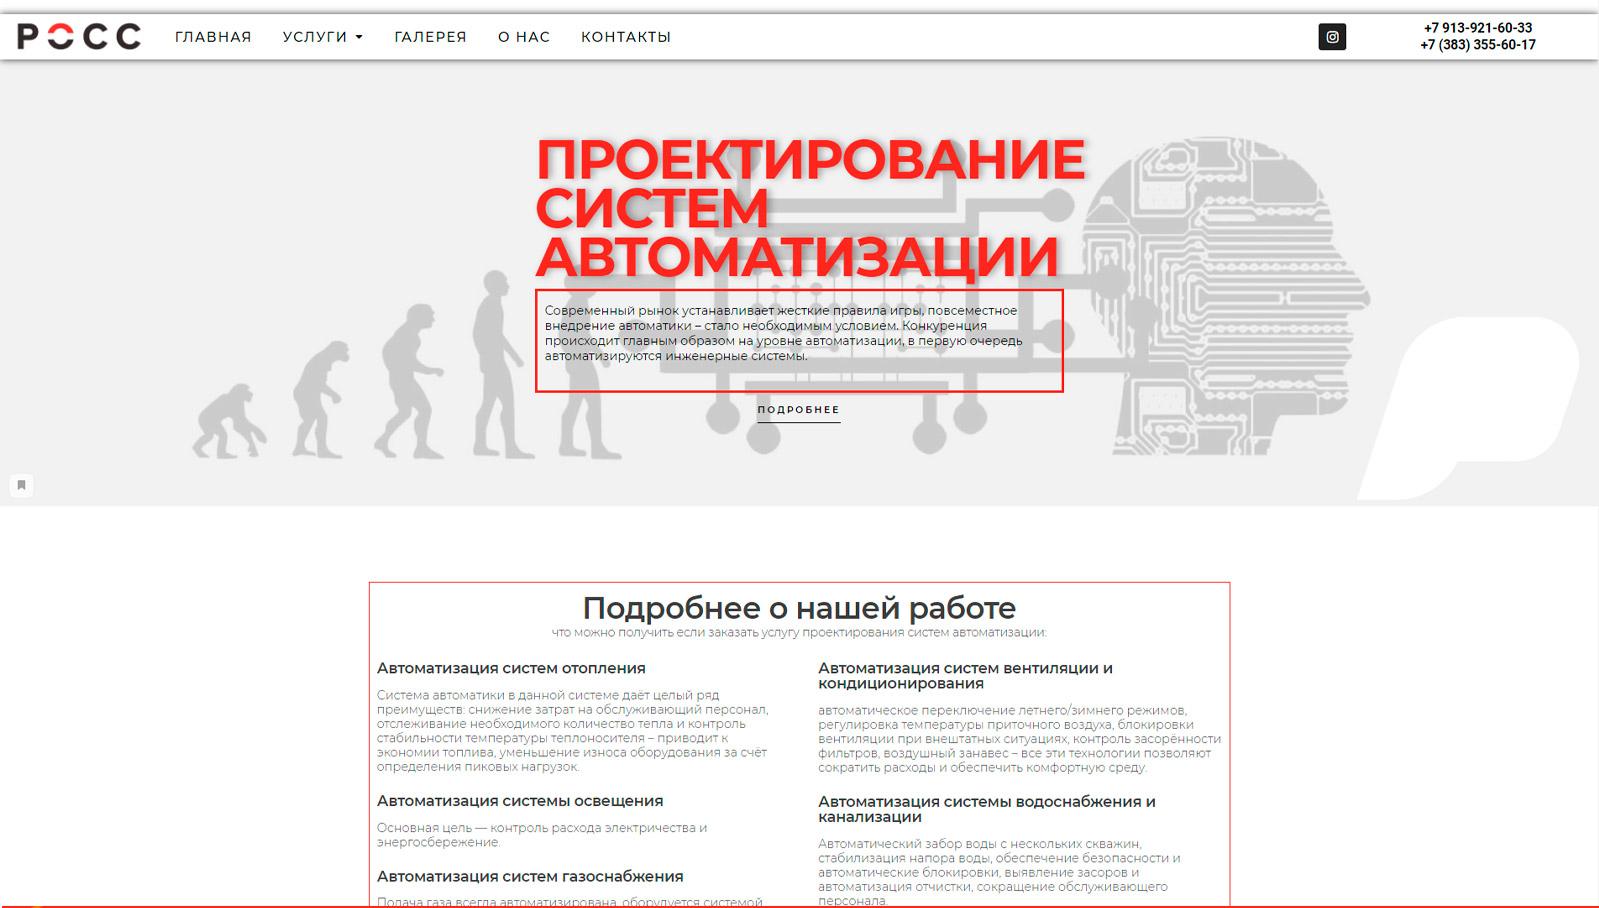 SPS_sajt_ross_avtomatizaciya6